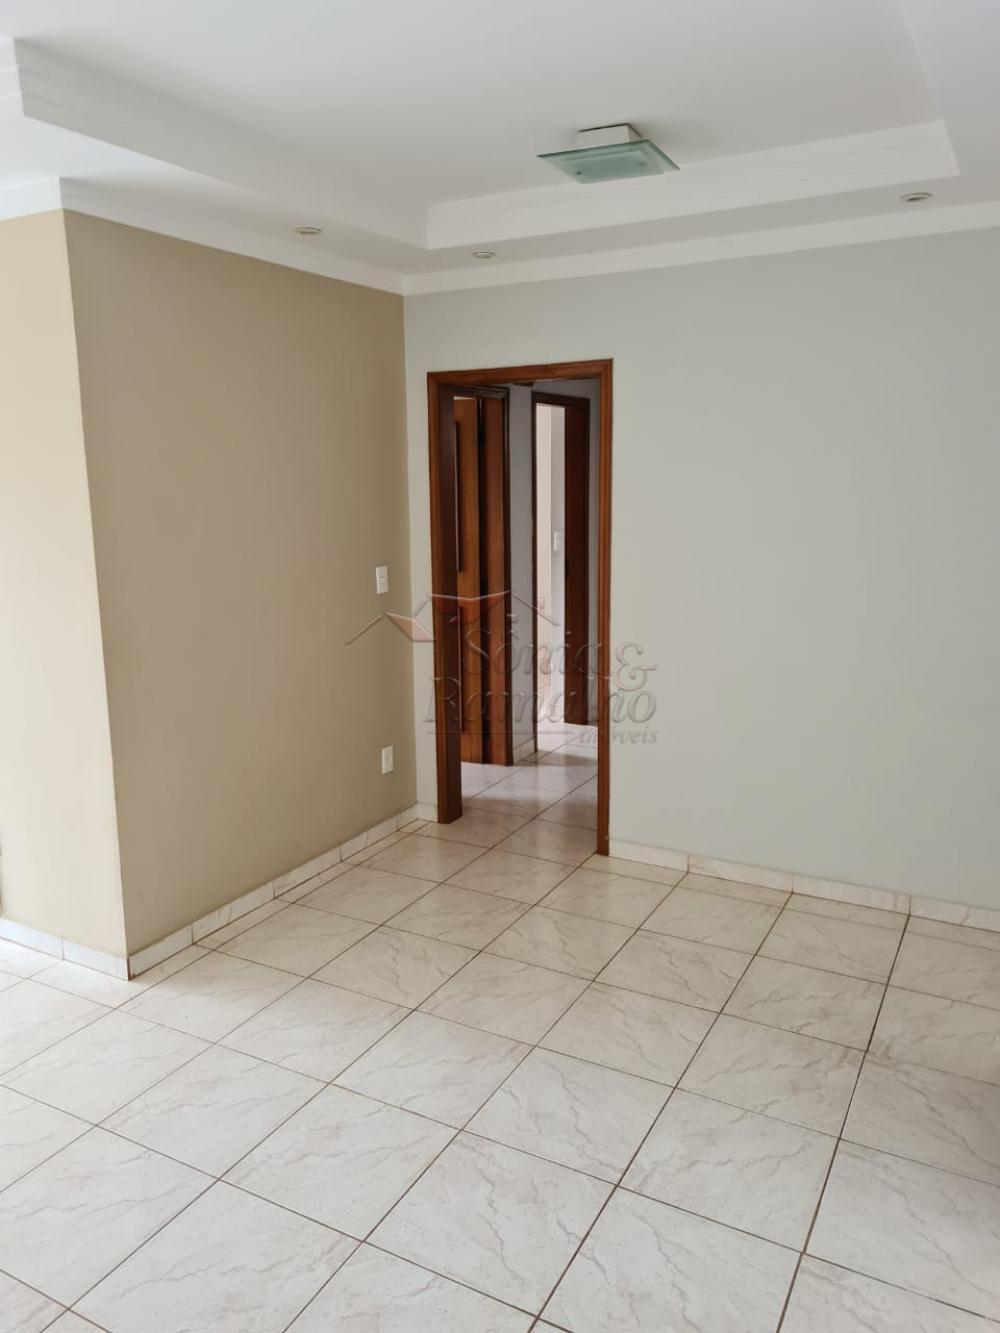 Comprar Apartamentos / Padrão em Ribeirão Preto apenas R$ 375.000,00 - Foto 7